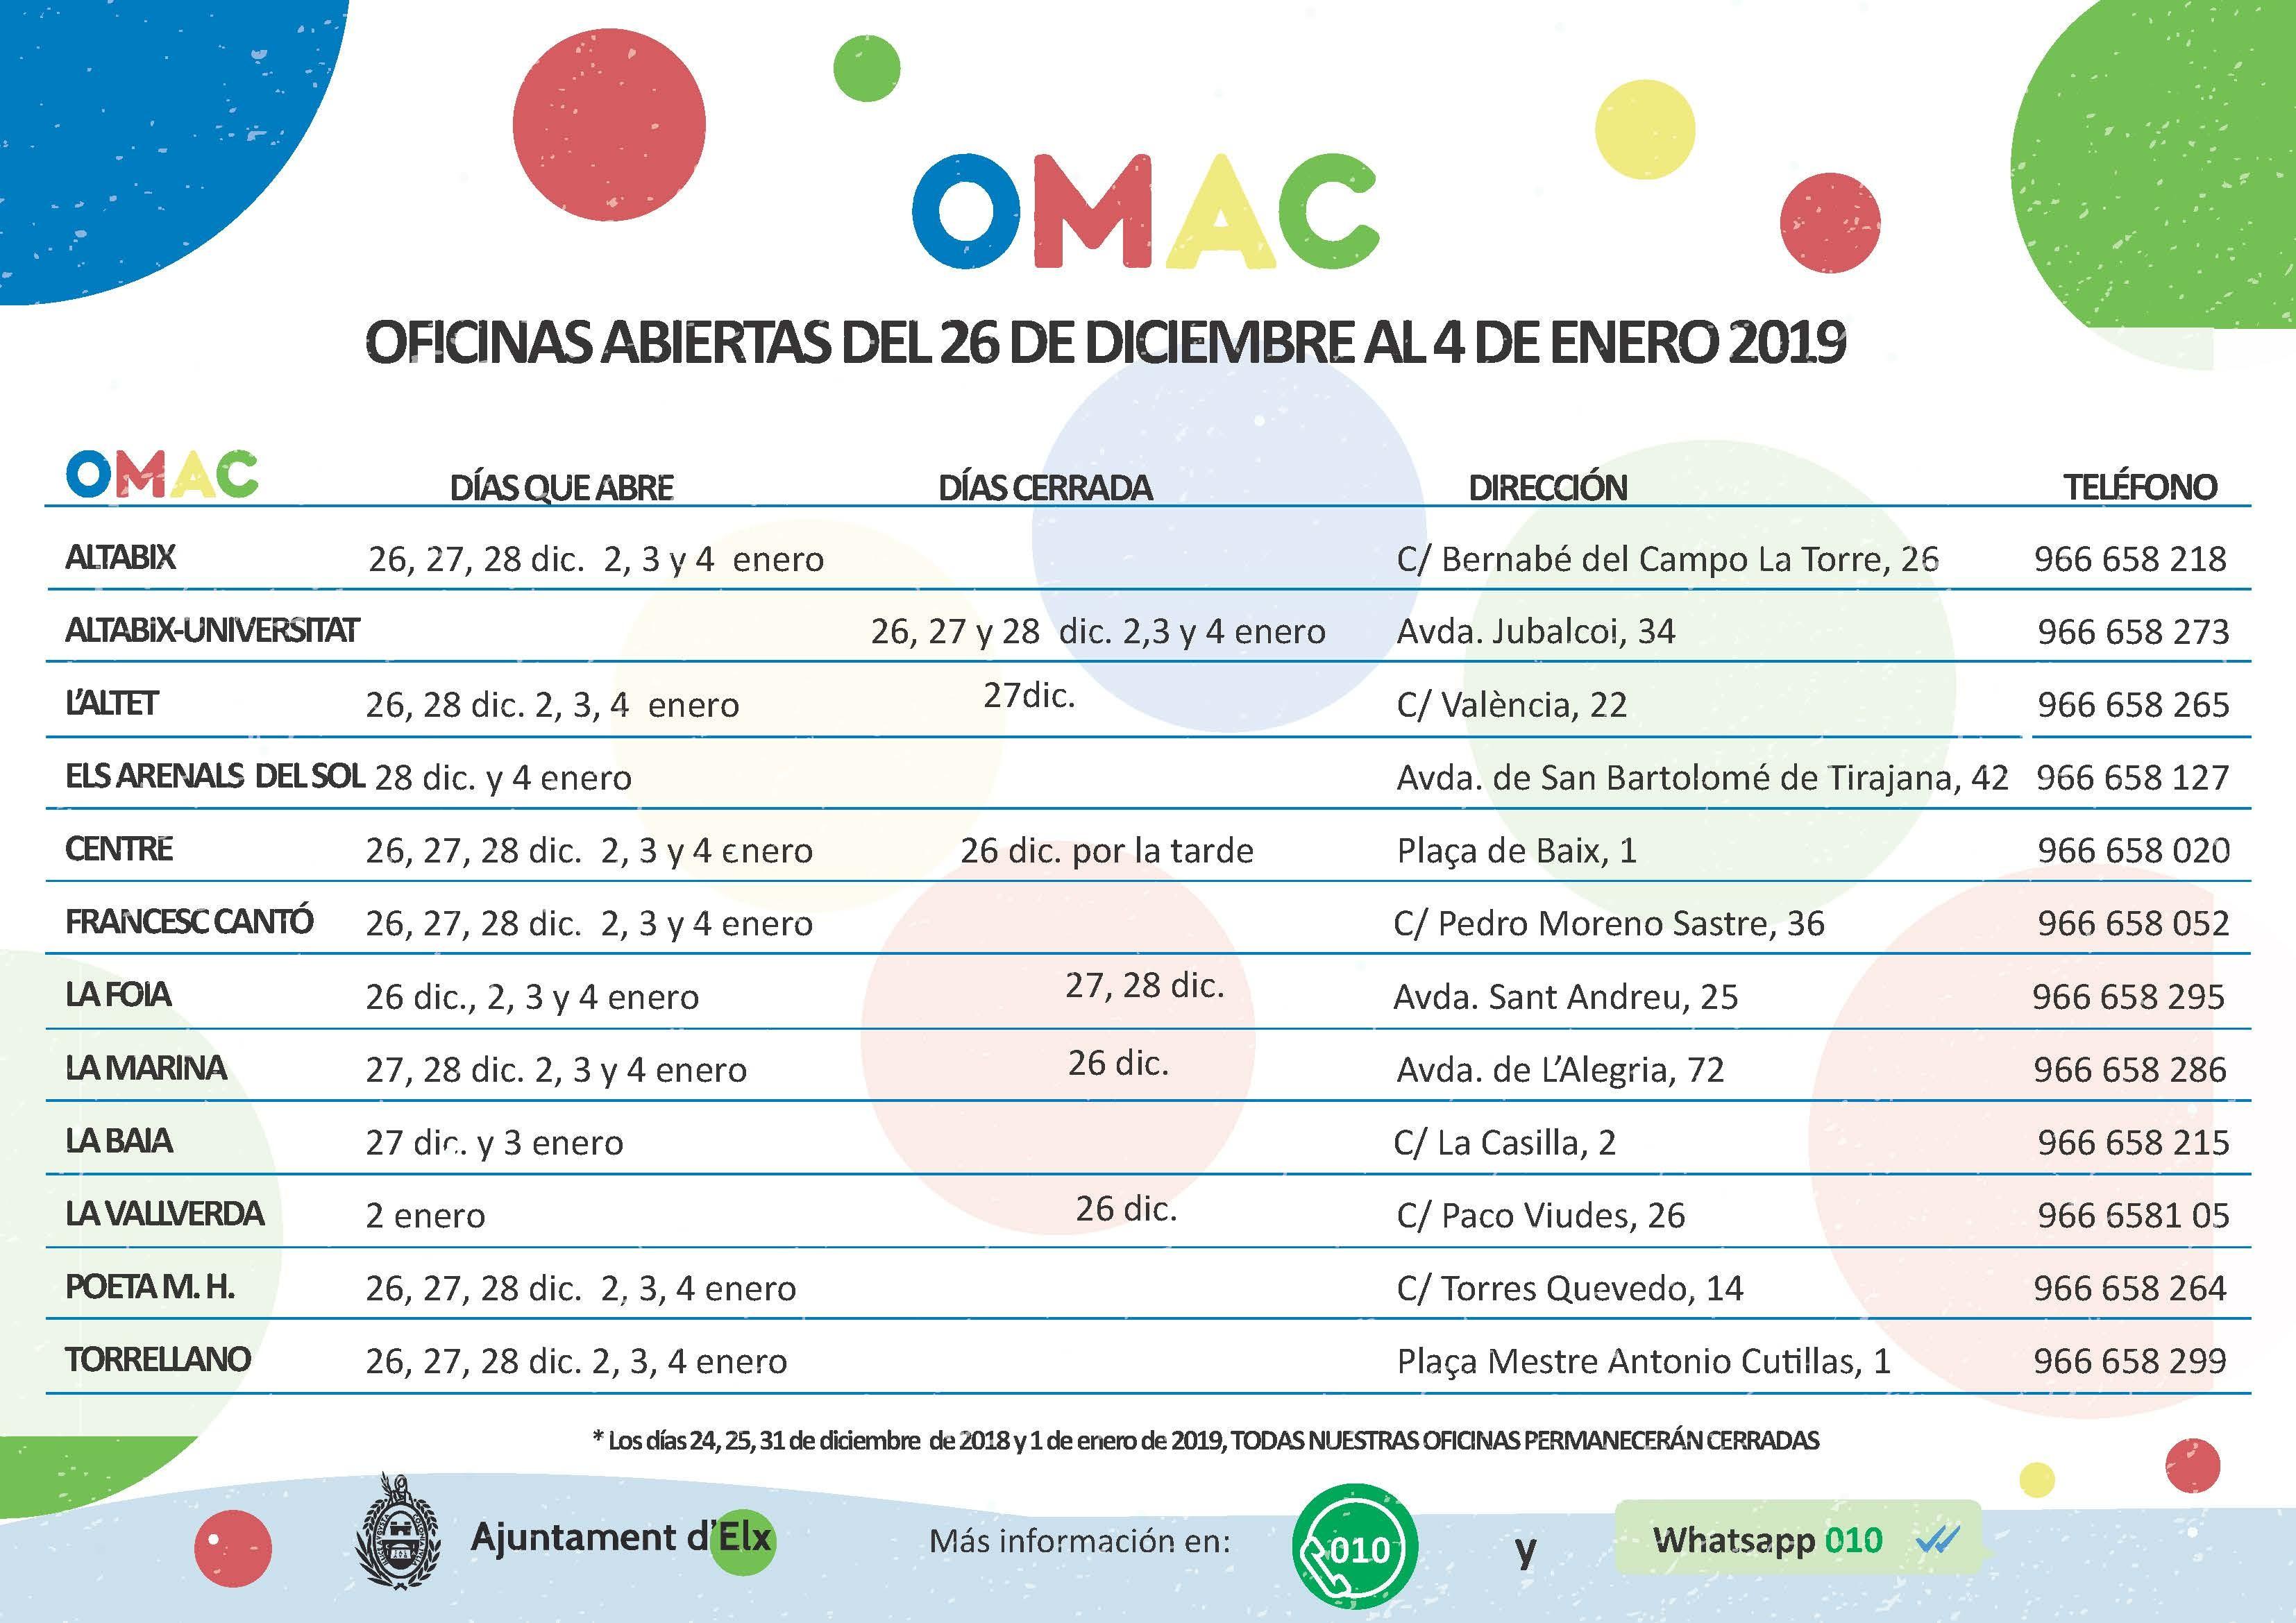 Calendario de apertura de las oficinas de atenci³n ciudadana en navidad 3308x2339 Calendario enero 215